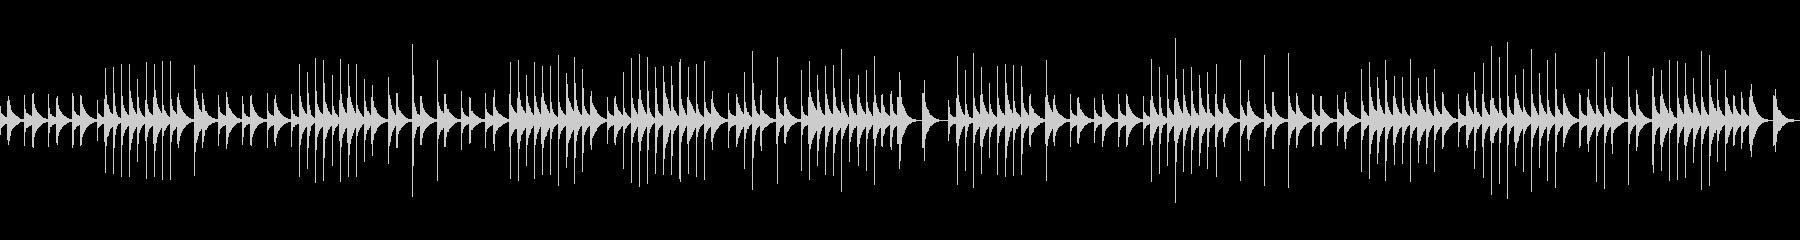 (オルゴール)ジムノペディ1番BPM72の未再生の波形